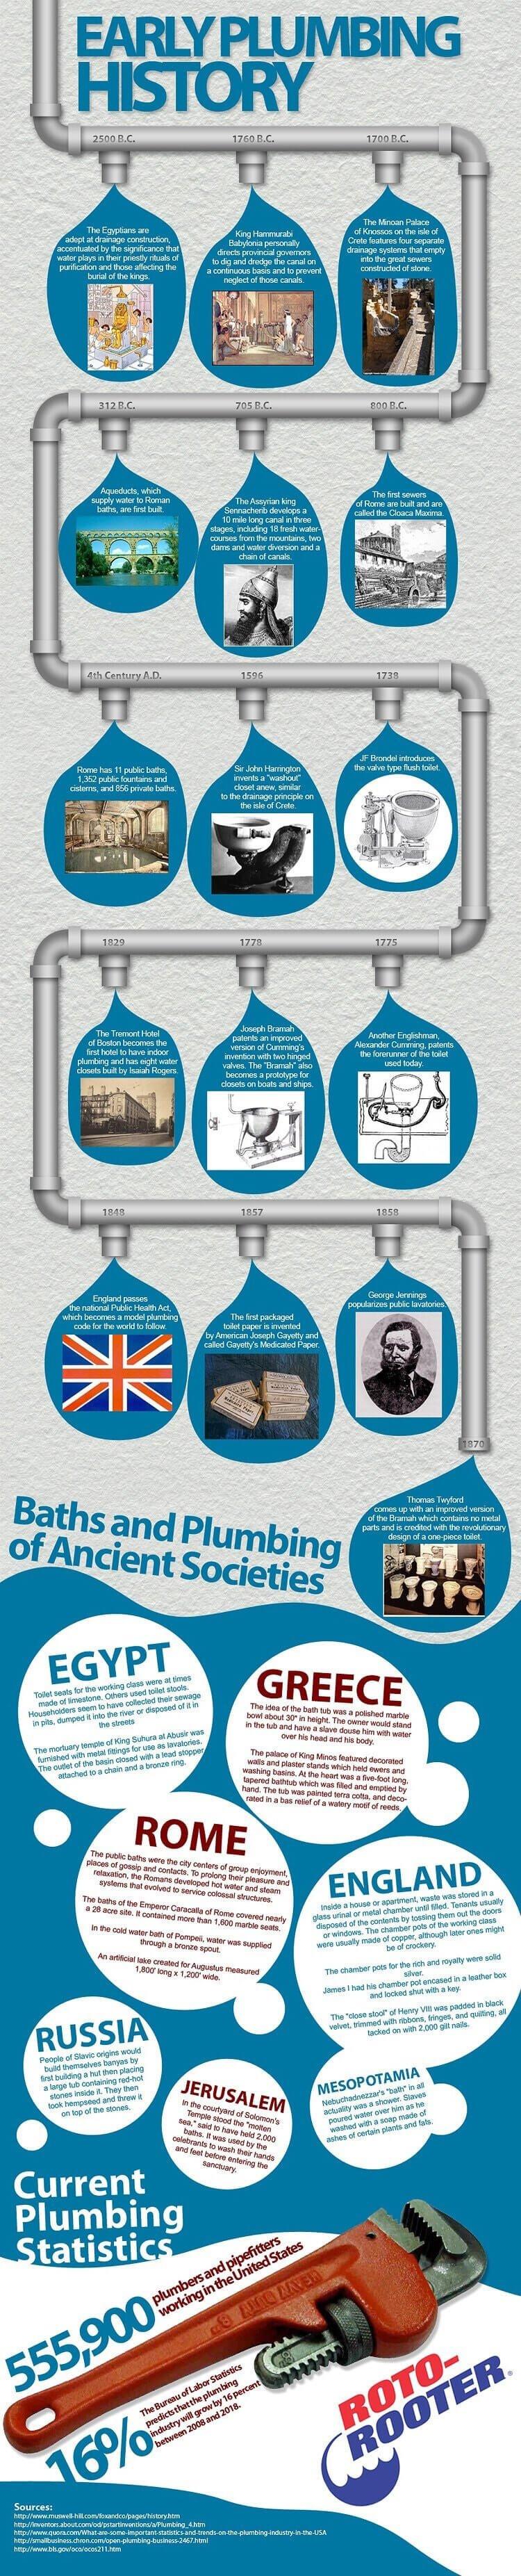 history of plumbing